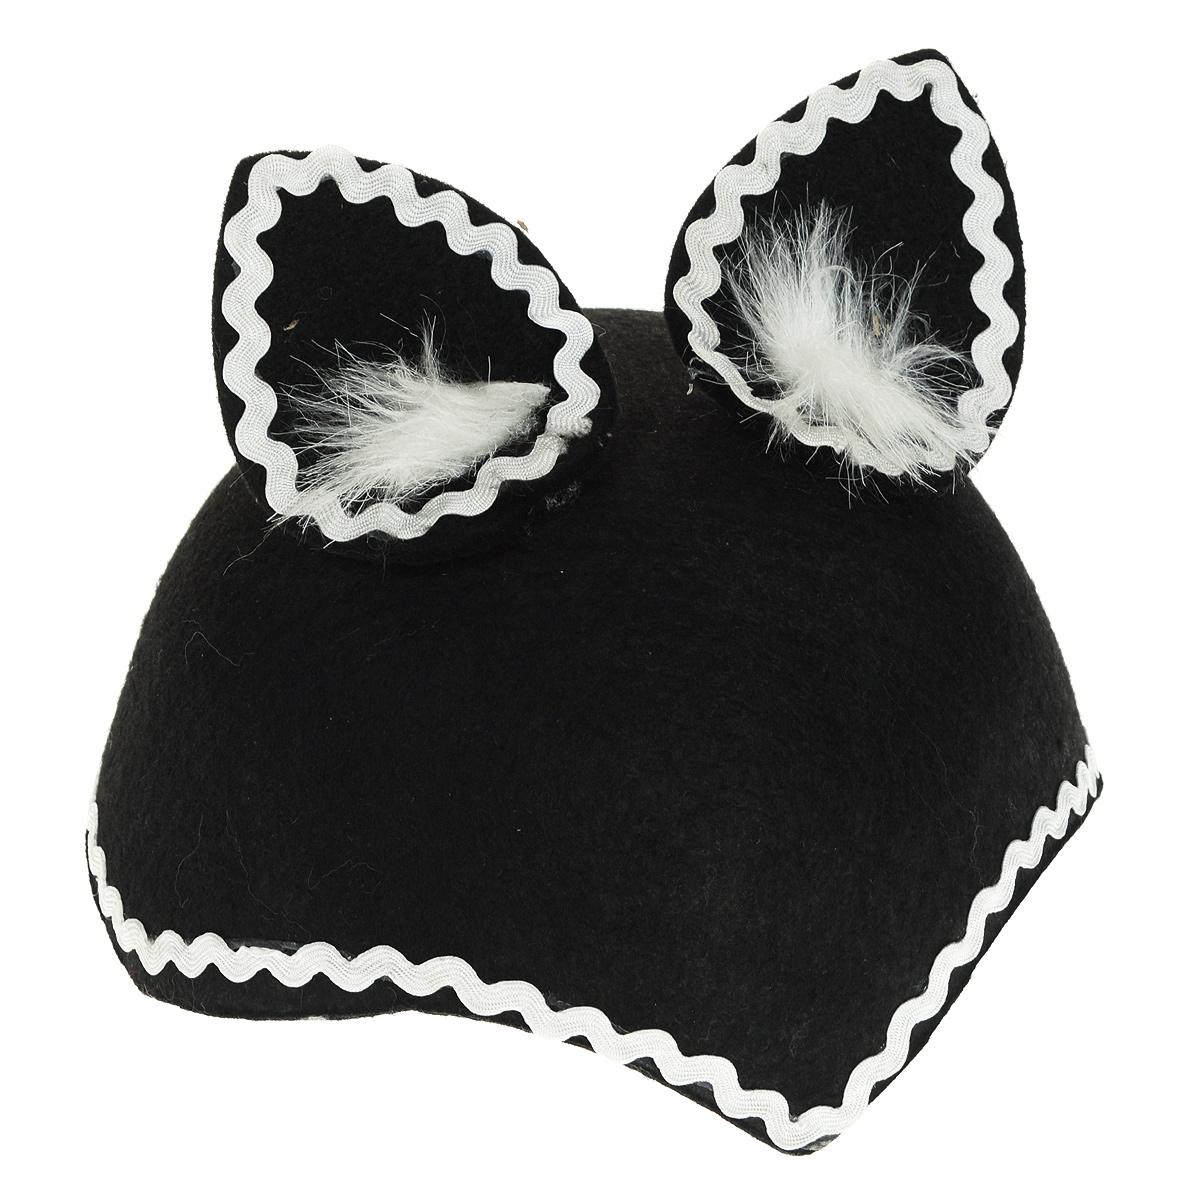 Шапка-маска маскарадная  Волчица , цвет: черный. Размер 55-56 см -  Аксессуары для детского праздника